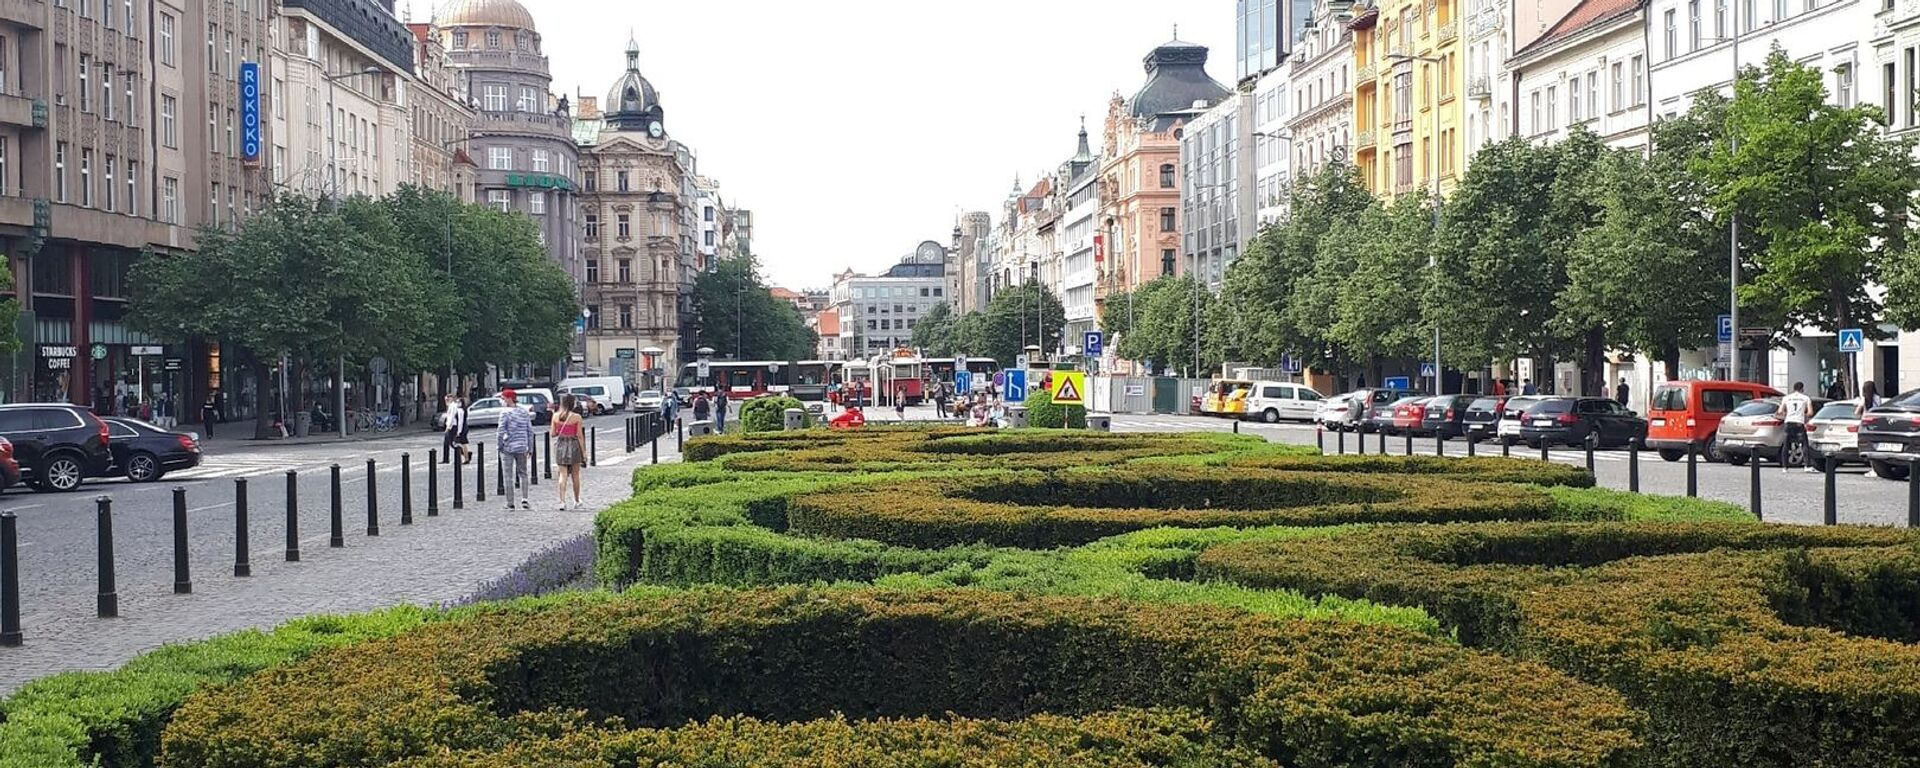 Václavské náměstí v Praze v době koronaviru - Sputnik Česká republika, 1920, 14.05.2021